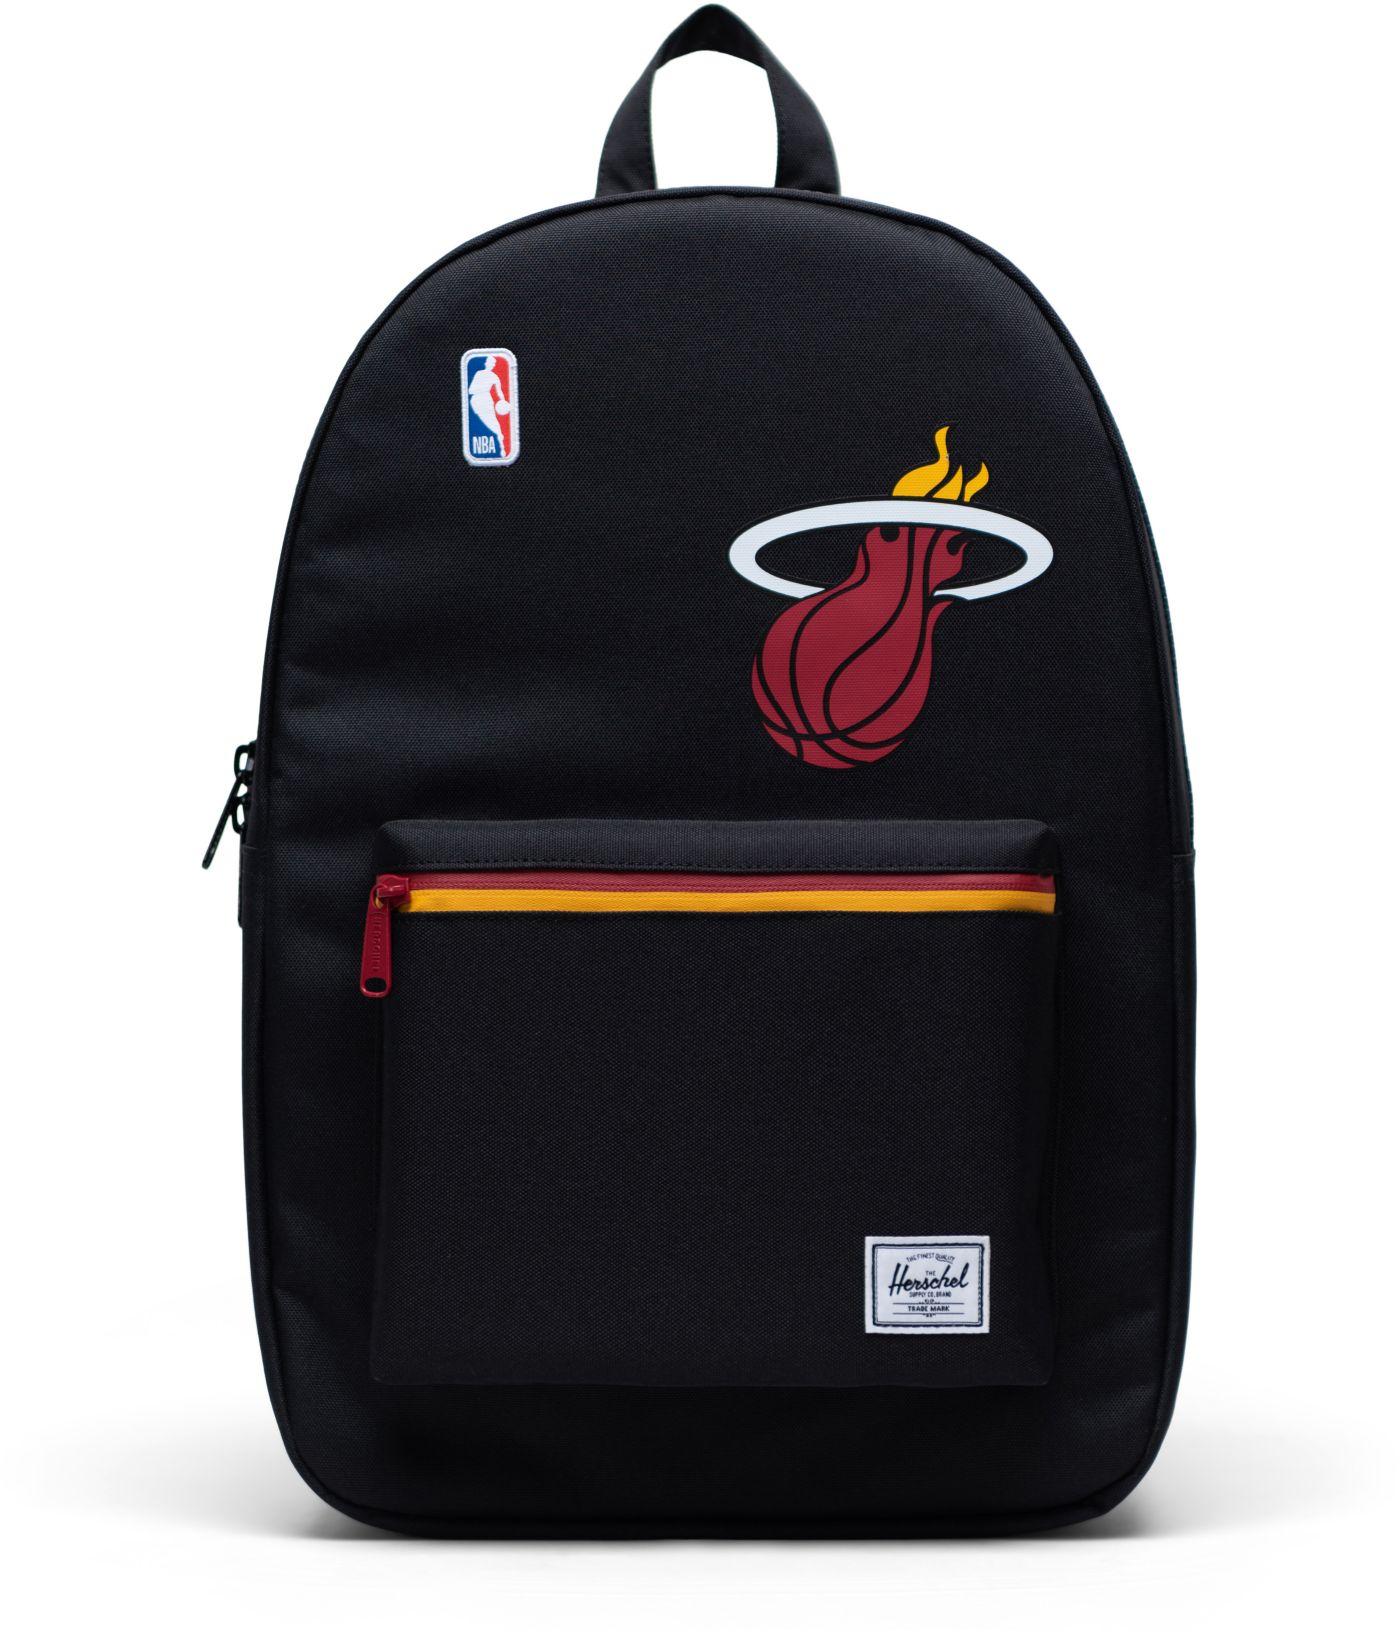 Herschel Miami Heat Black Settlement Backpack